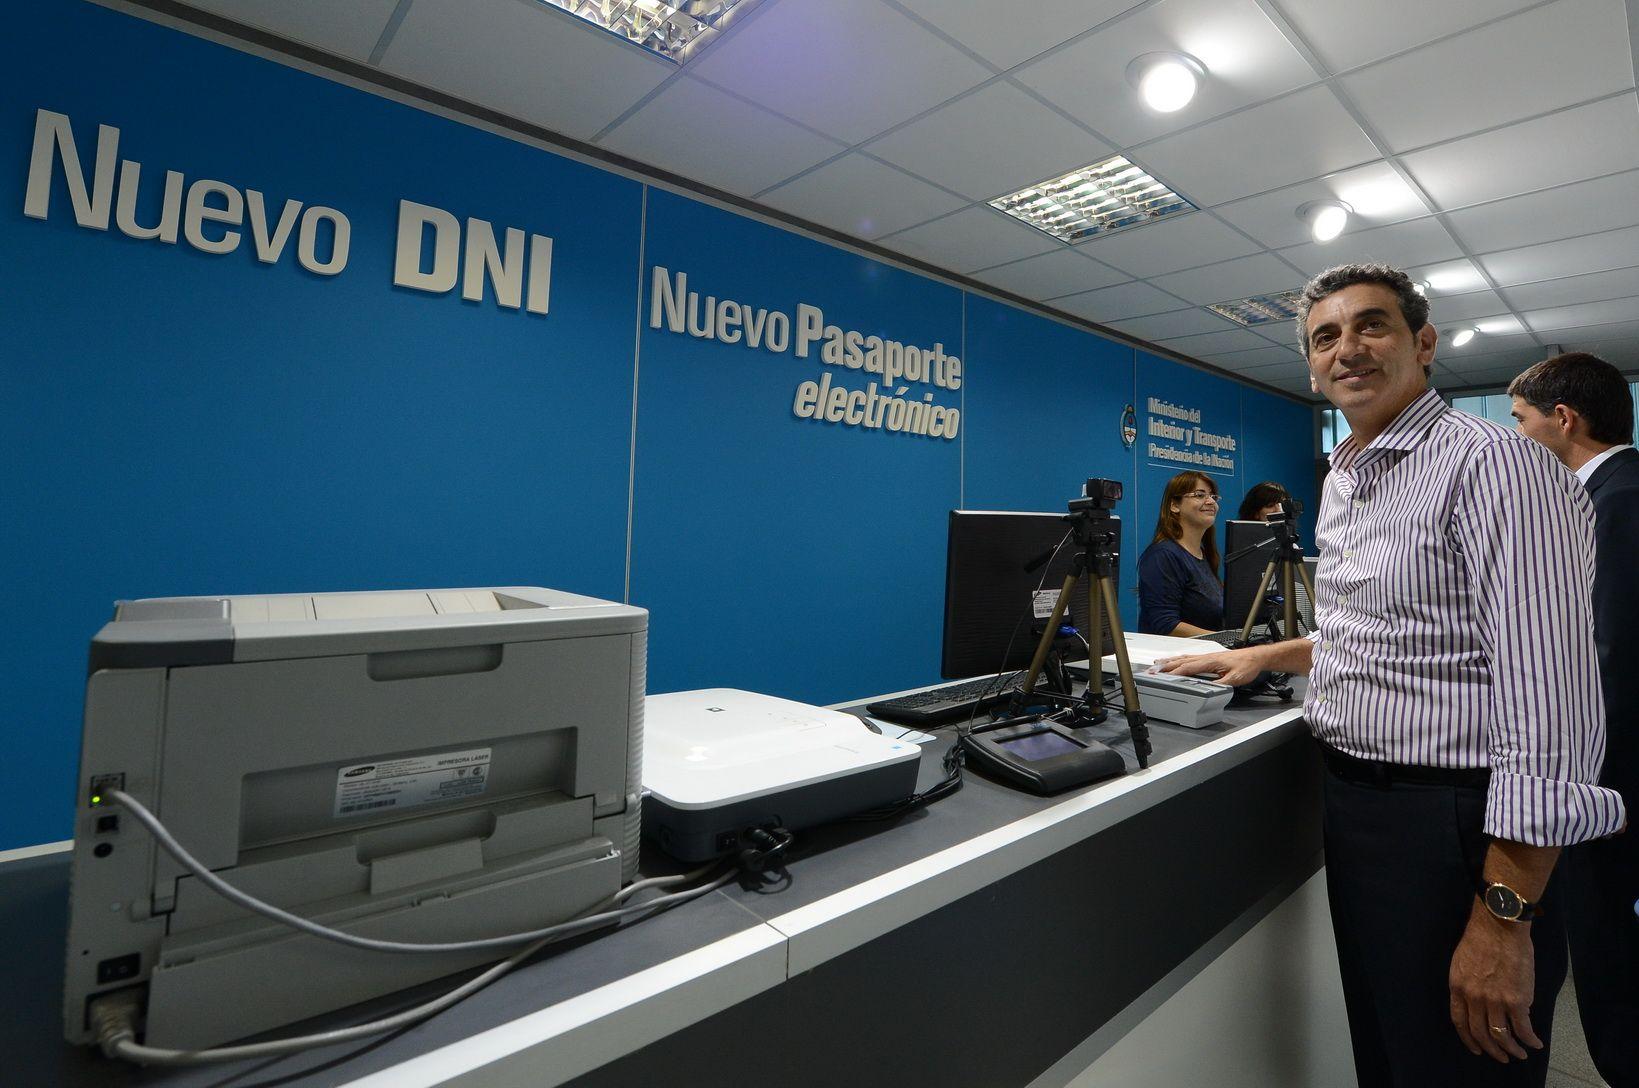 """Randazzo señaló: """"Ya llevamos abiertos más de 3 mil centros de documentación y por decisión de la presidenta"""